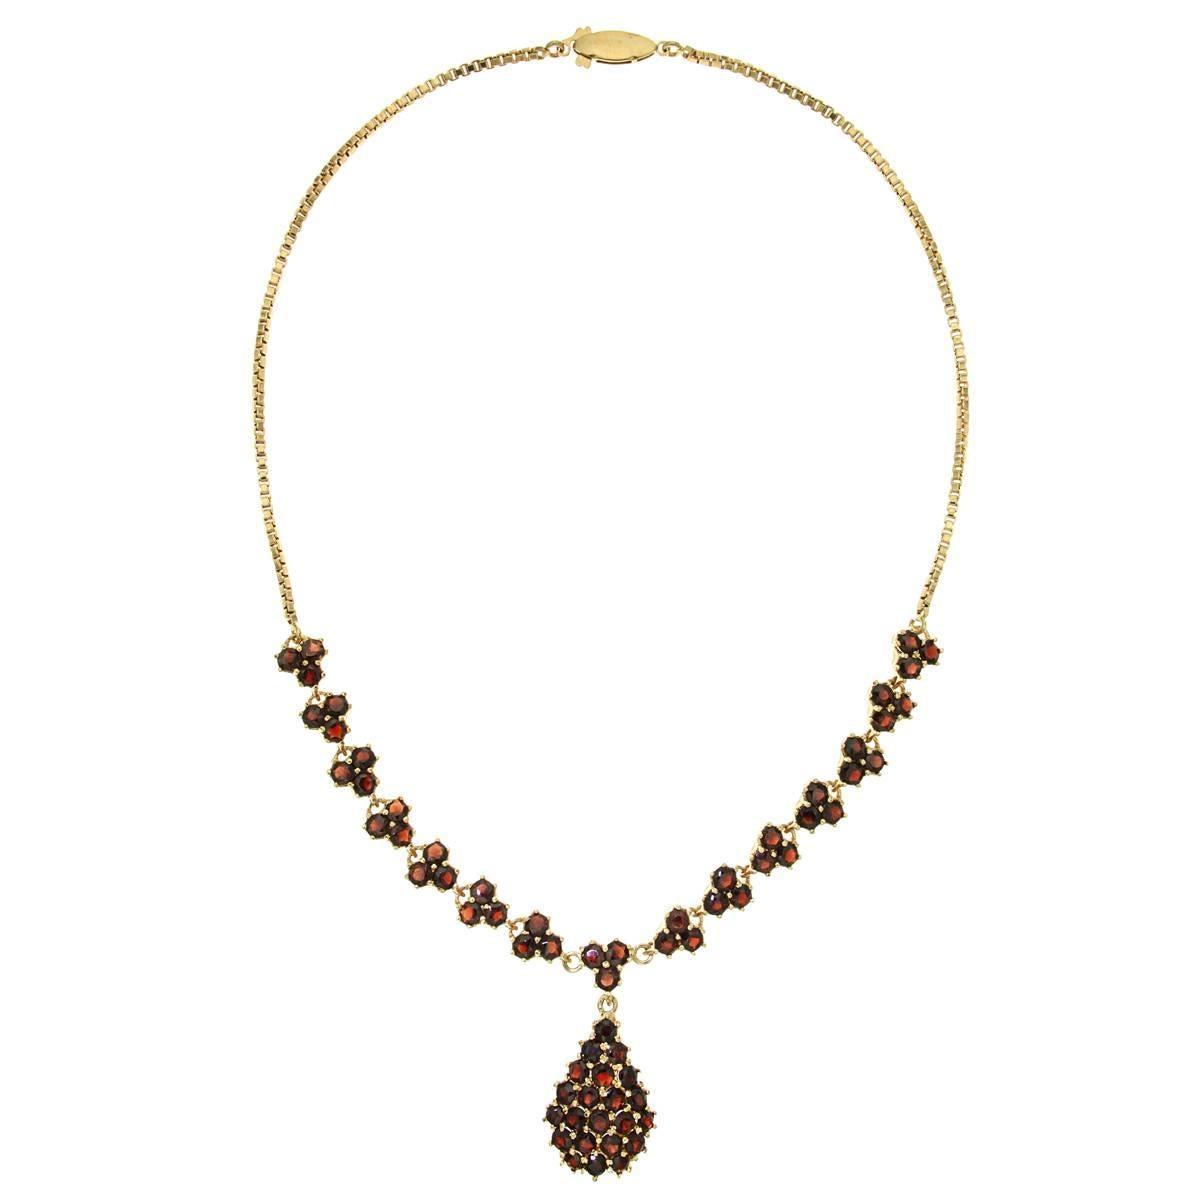 Red Garnet 18 Kt Yellow Gold Choker Necklace